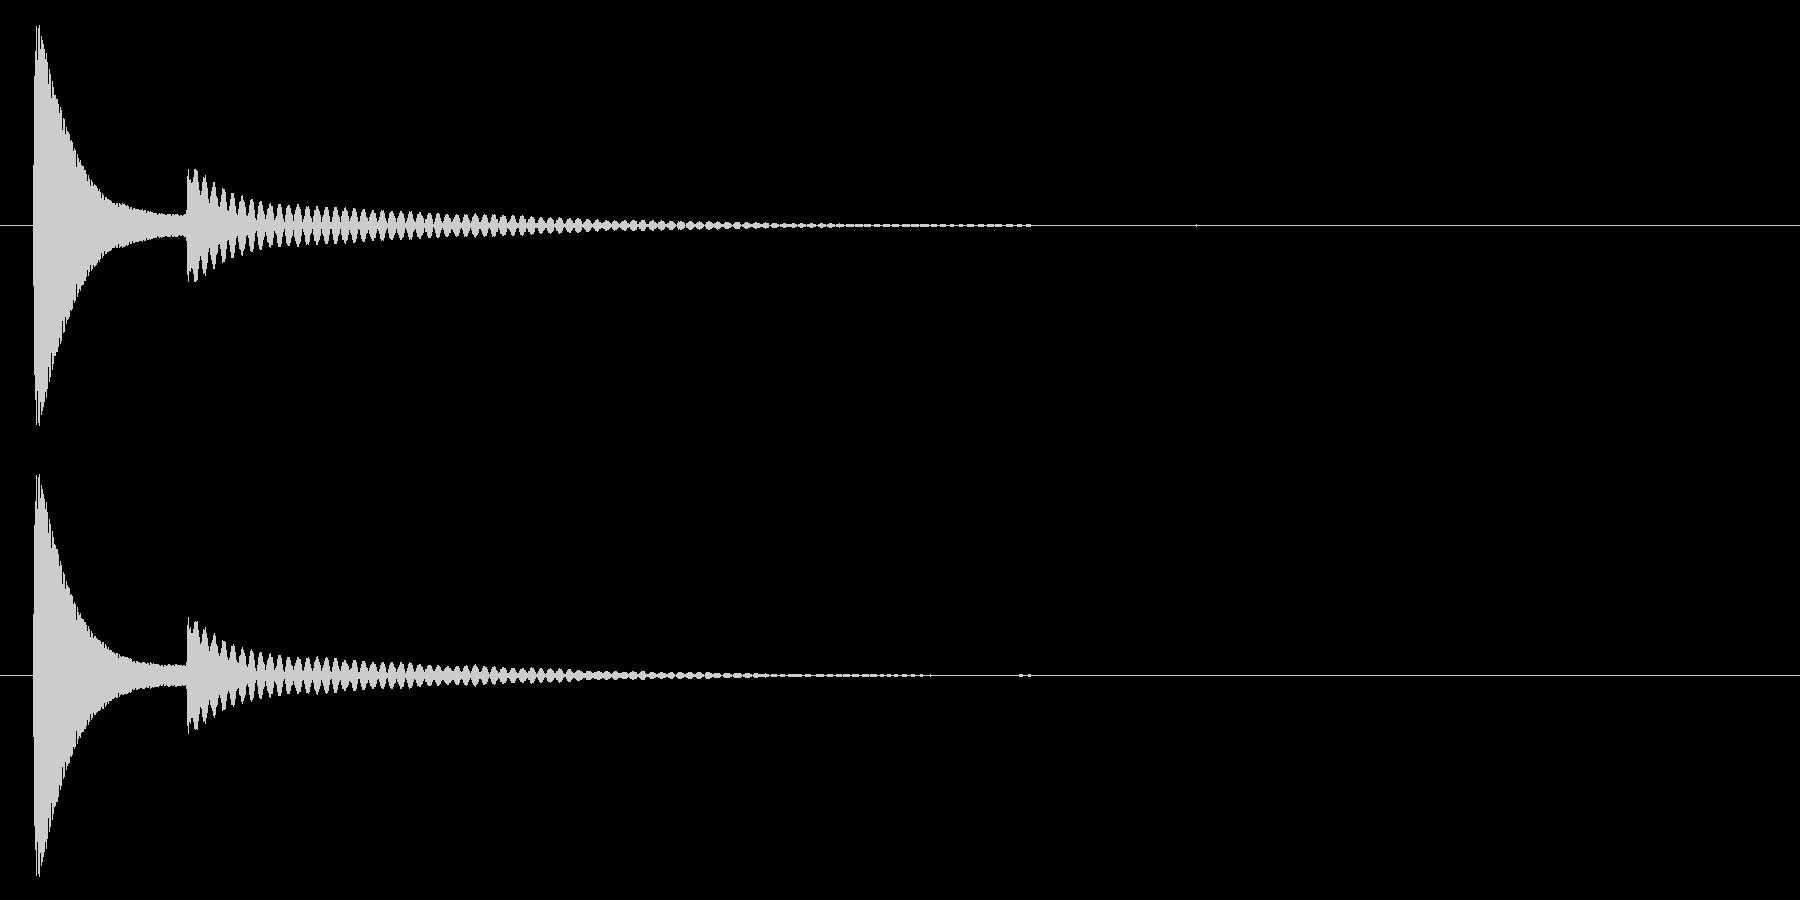 ポコッ↑/木琴/かわいいの未再生の波形